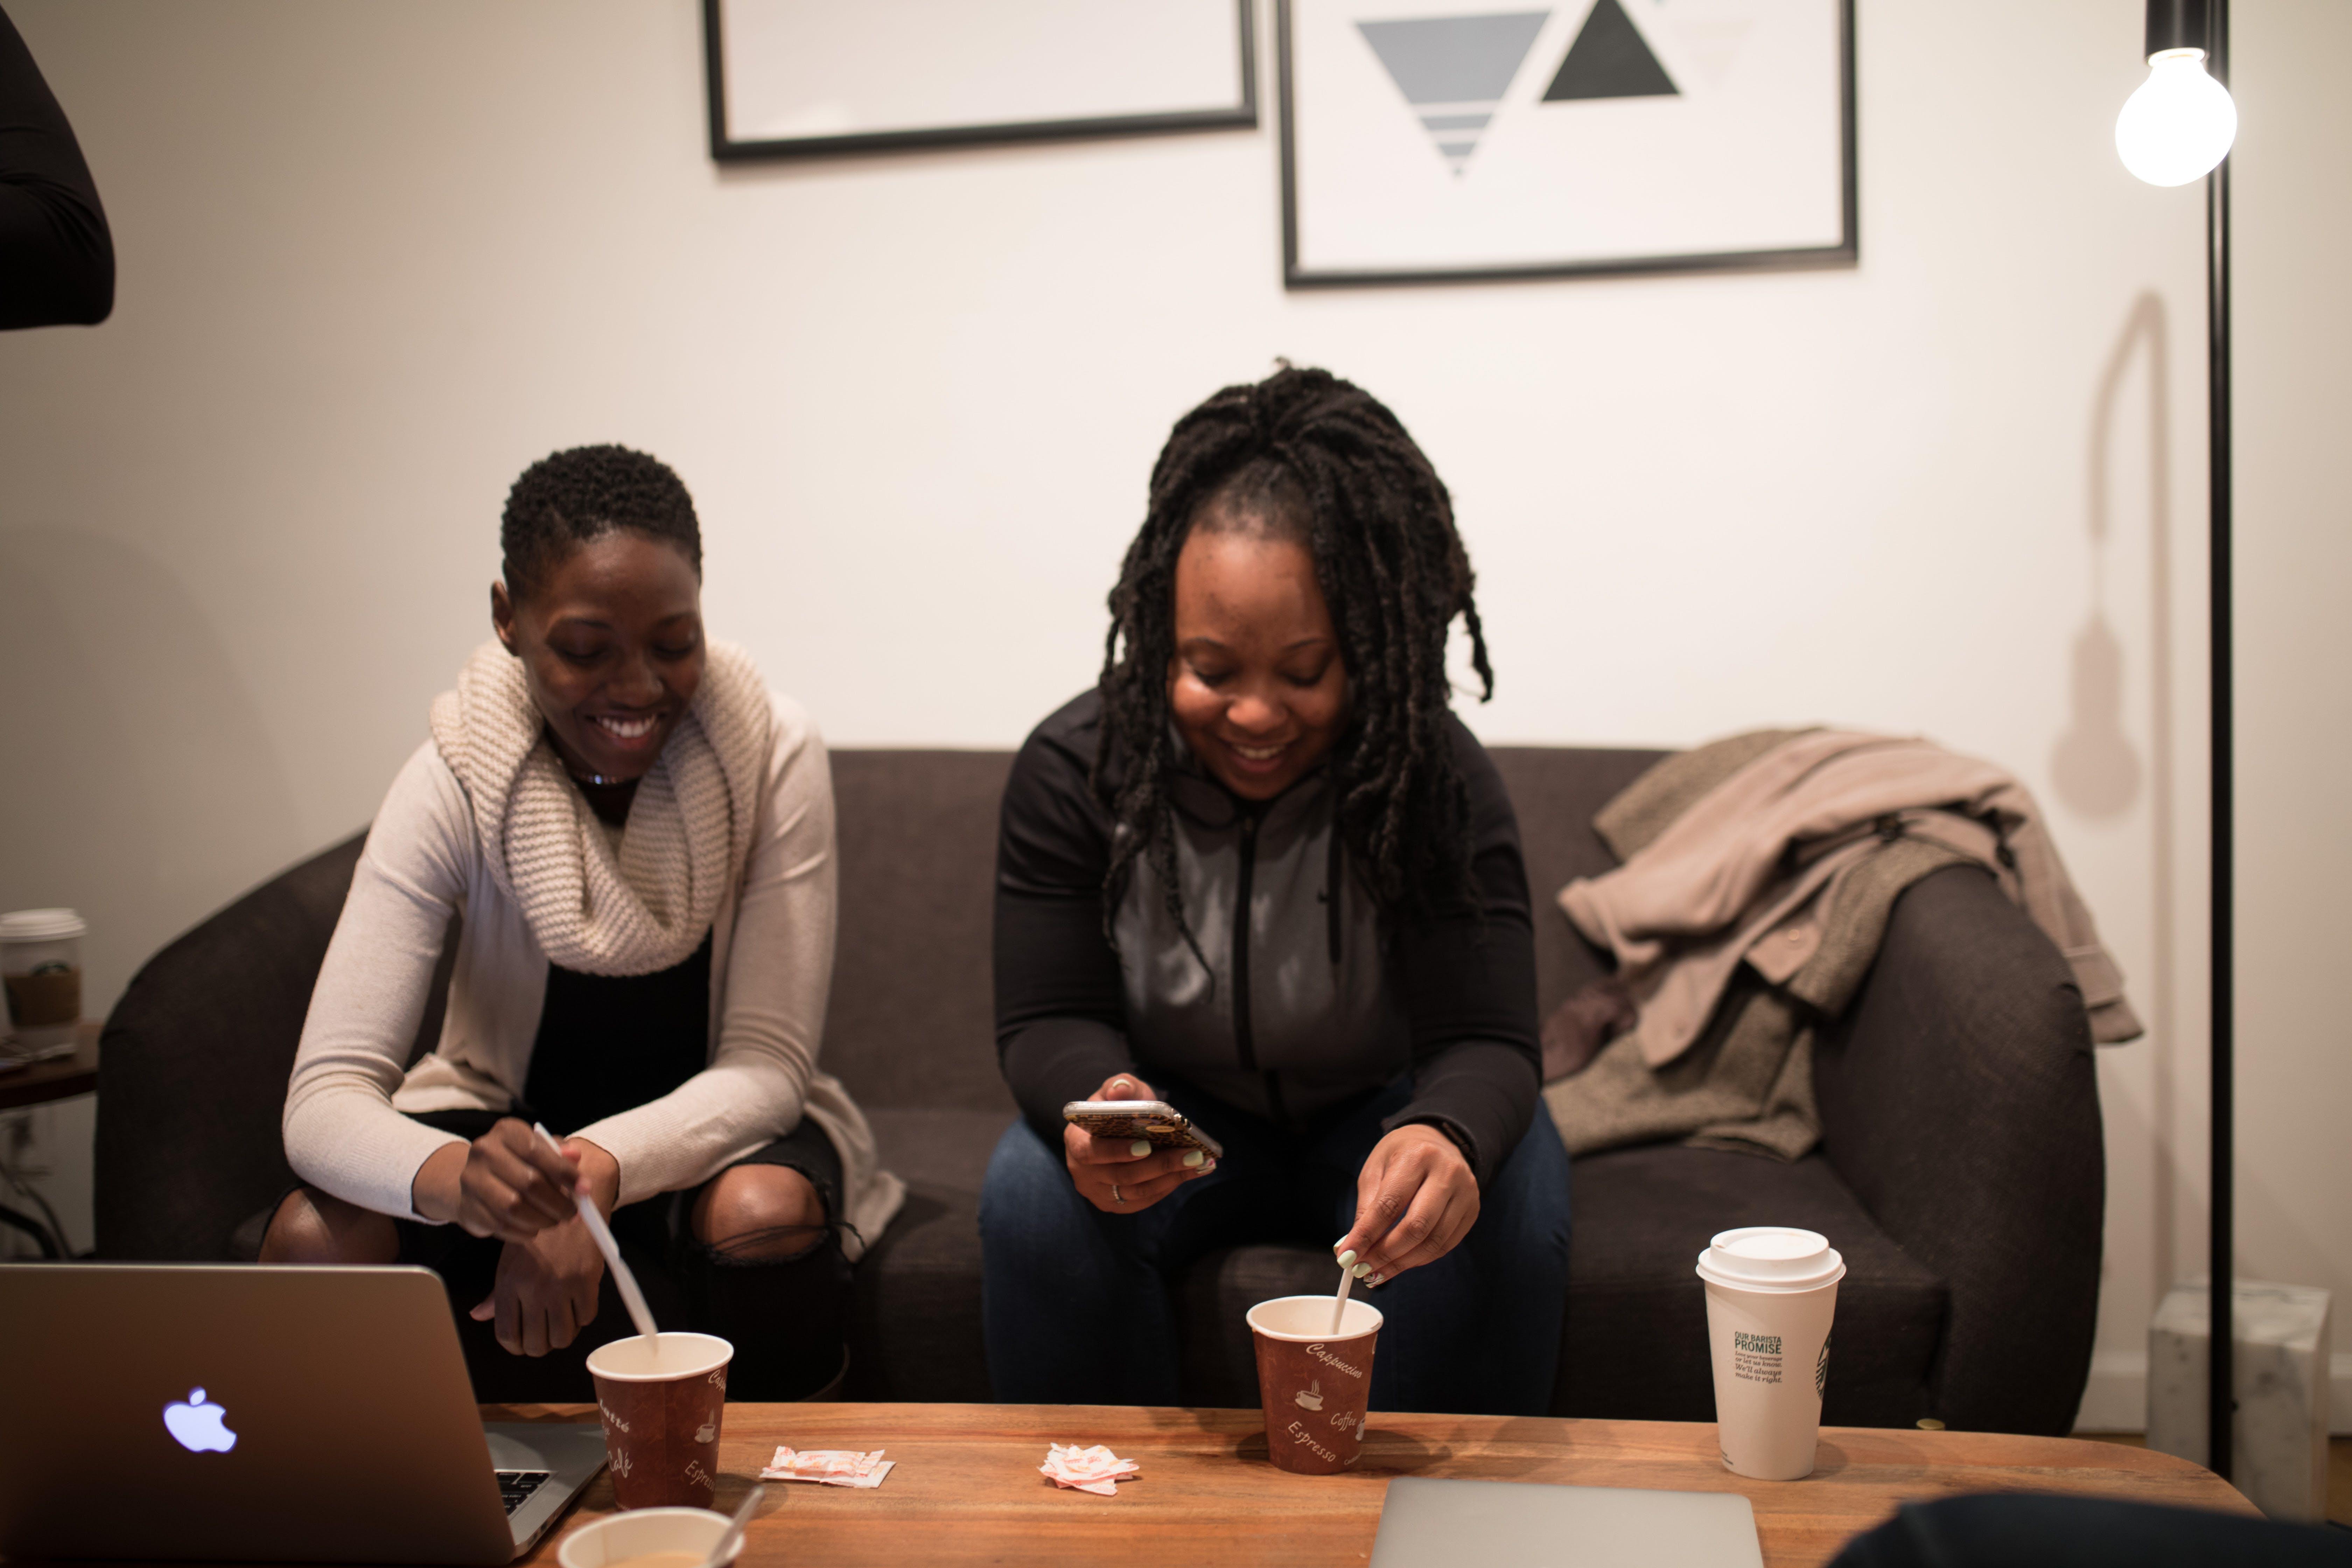 Woman in Black Jacket Sitting Beside Woman in White Sweater